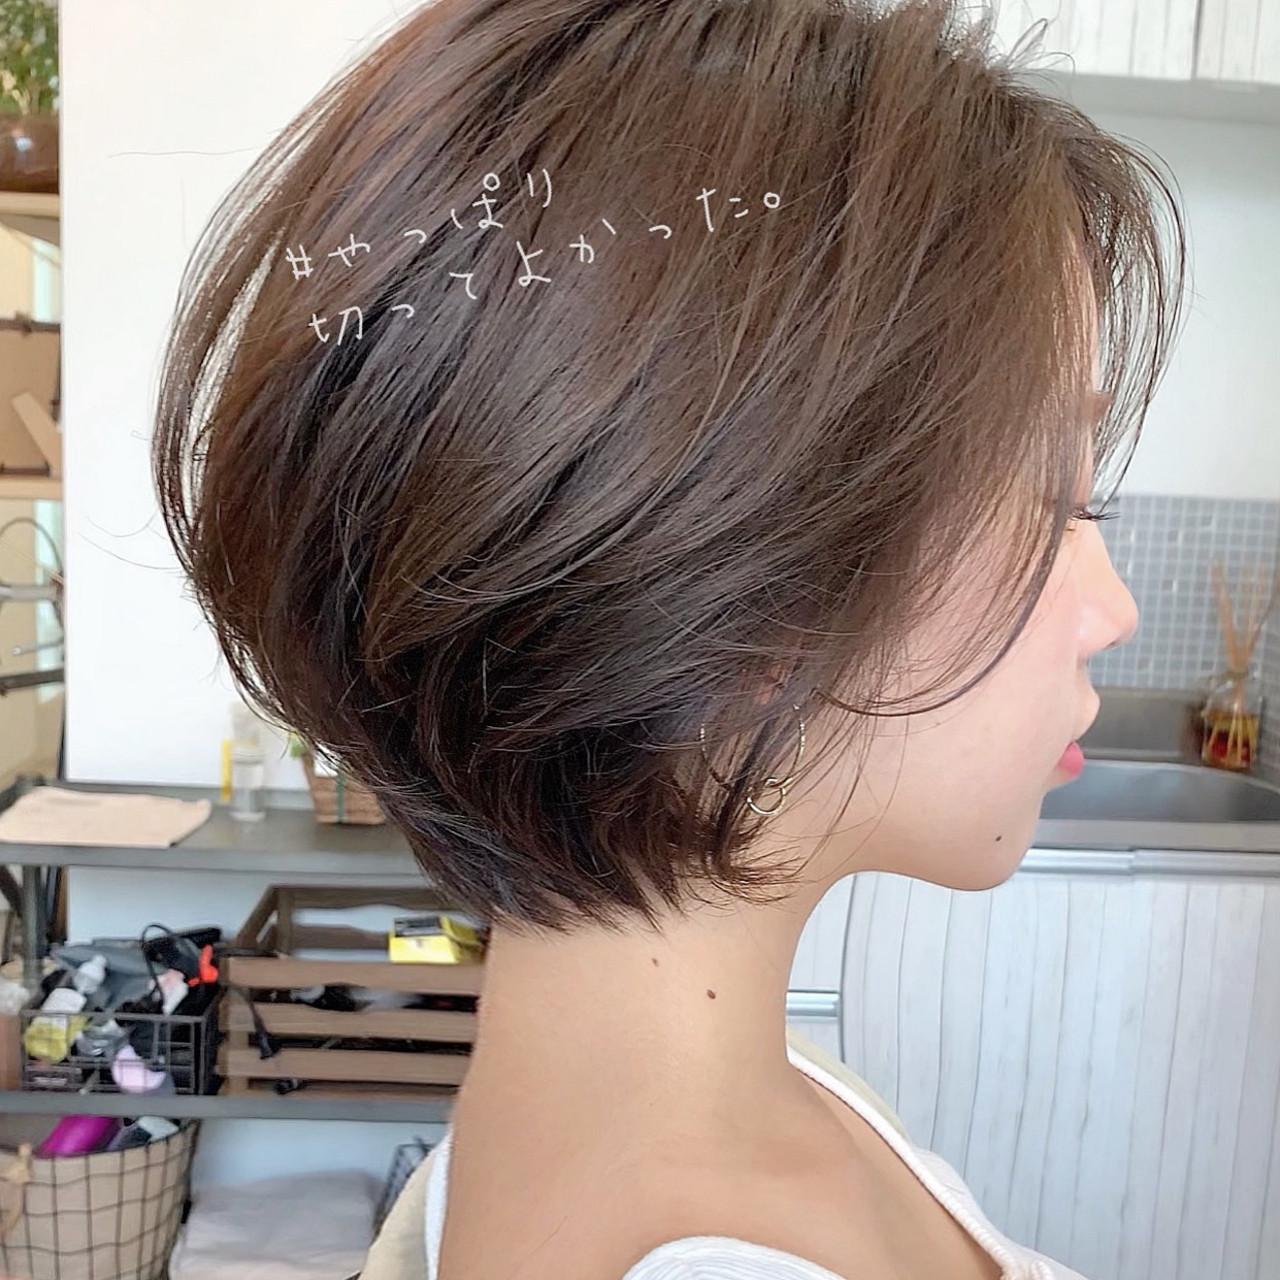 黒髪 ヘアアレンジ ナチュラル パーマ ヘアスタイルや髪型の写真・画像 | ショートボブの匠【 山内大成 】『i.hair』 / 『 i. 』 omotesando